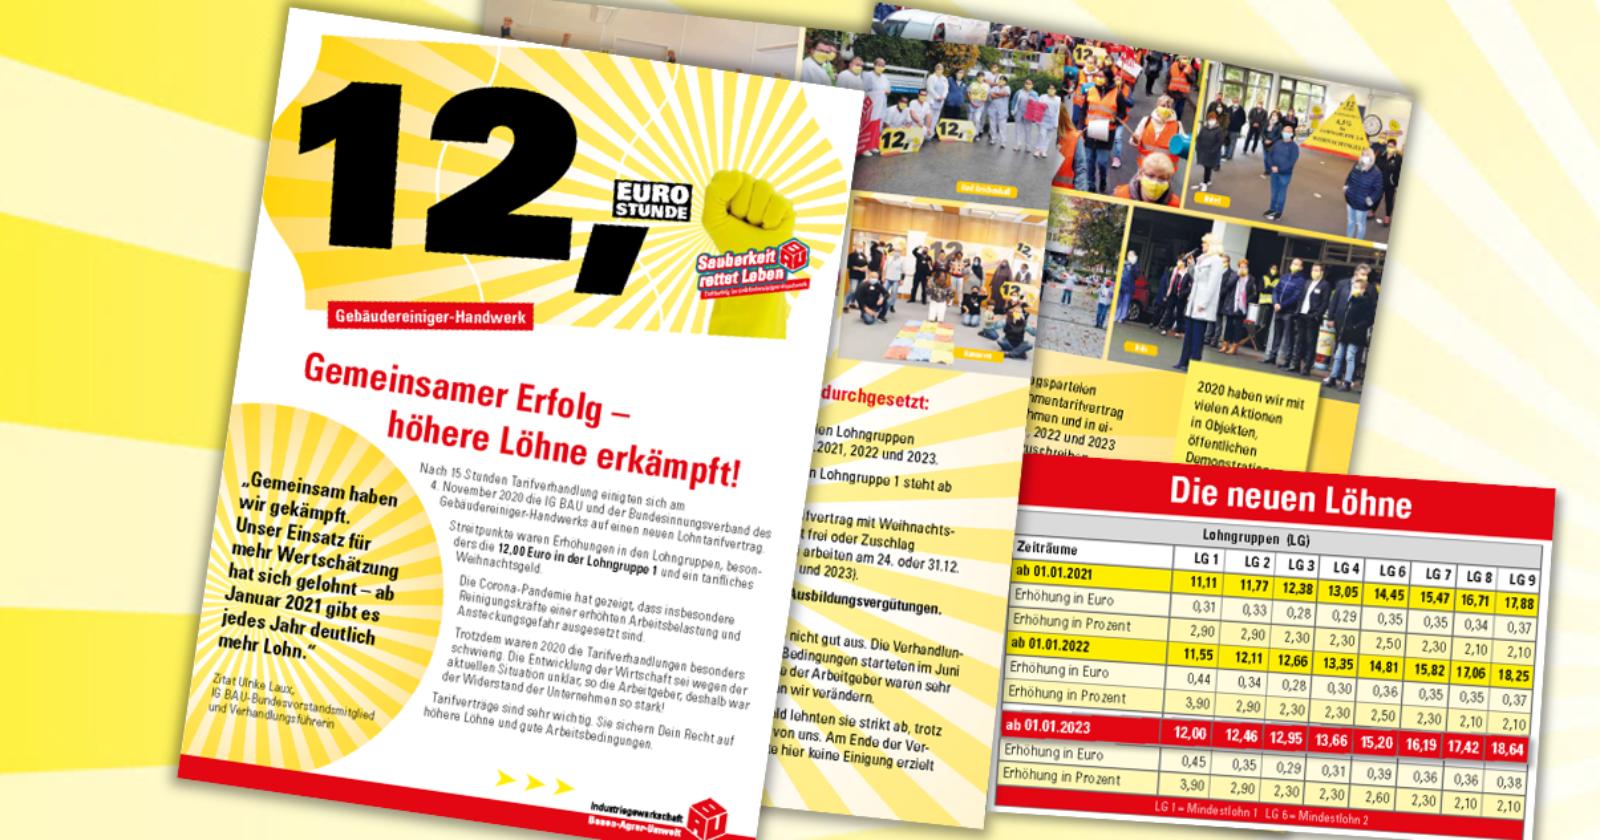 Flugblatt mit neuen Lohntabellen für Beschäftigte im Gebäudereiniger-Handwerk